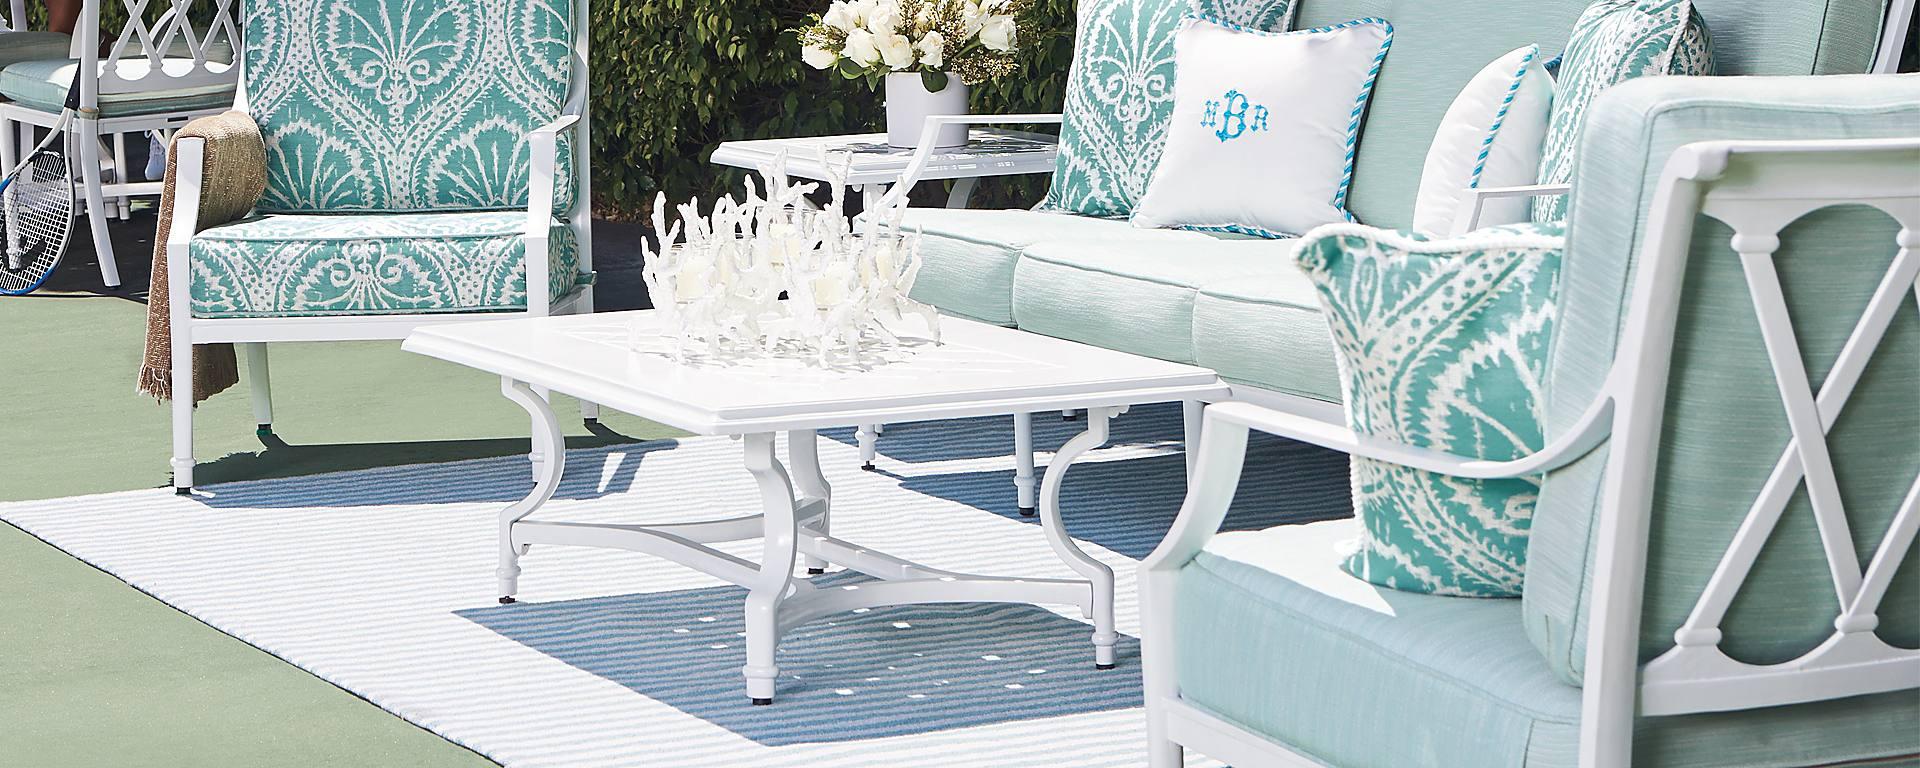 outdoor decor tips home style - Outdoor Decor